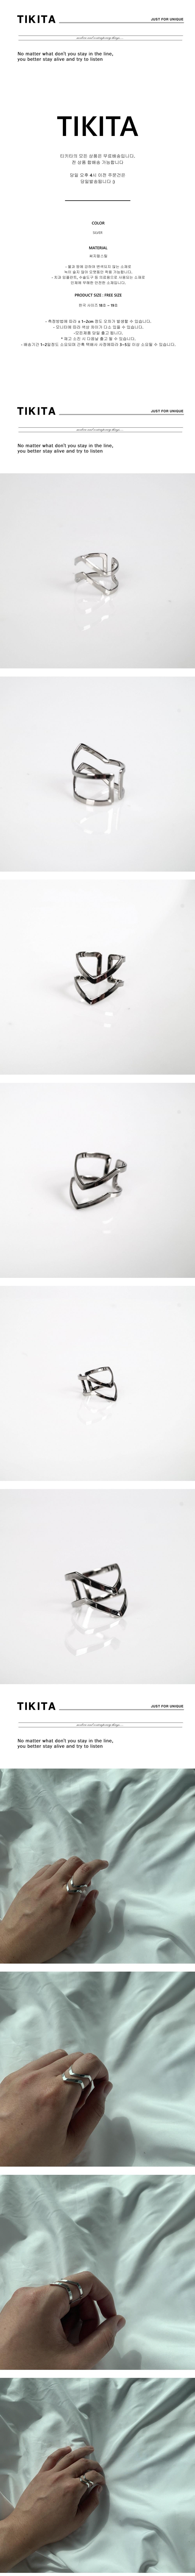 남자 반지 두줄 힙합 레이어드 패션 vv ring - 티키타, 18,800원, 남성주얼리, 반지